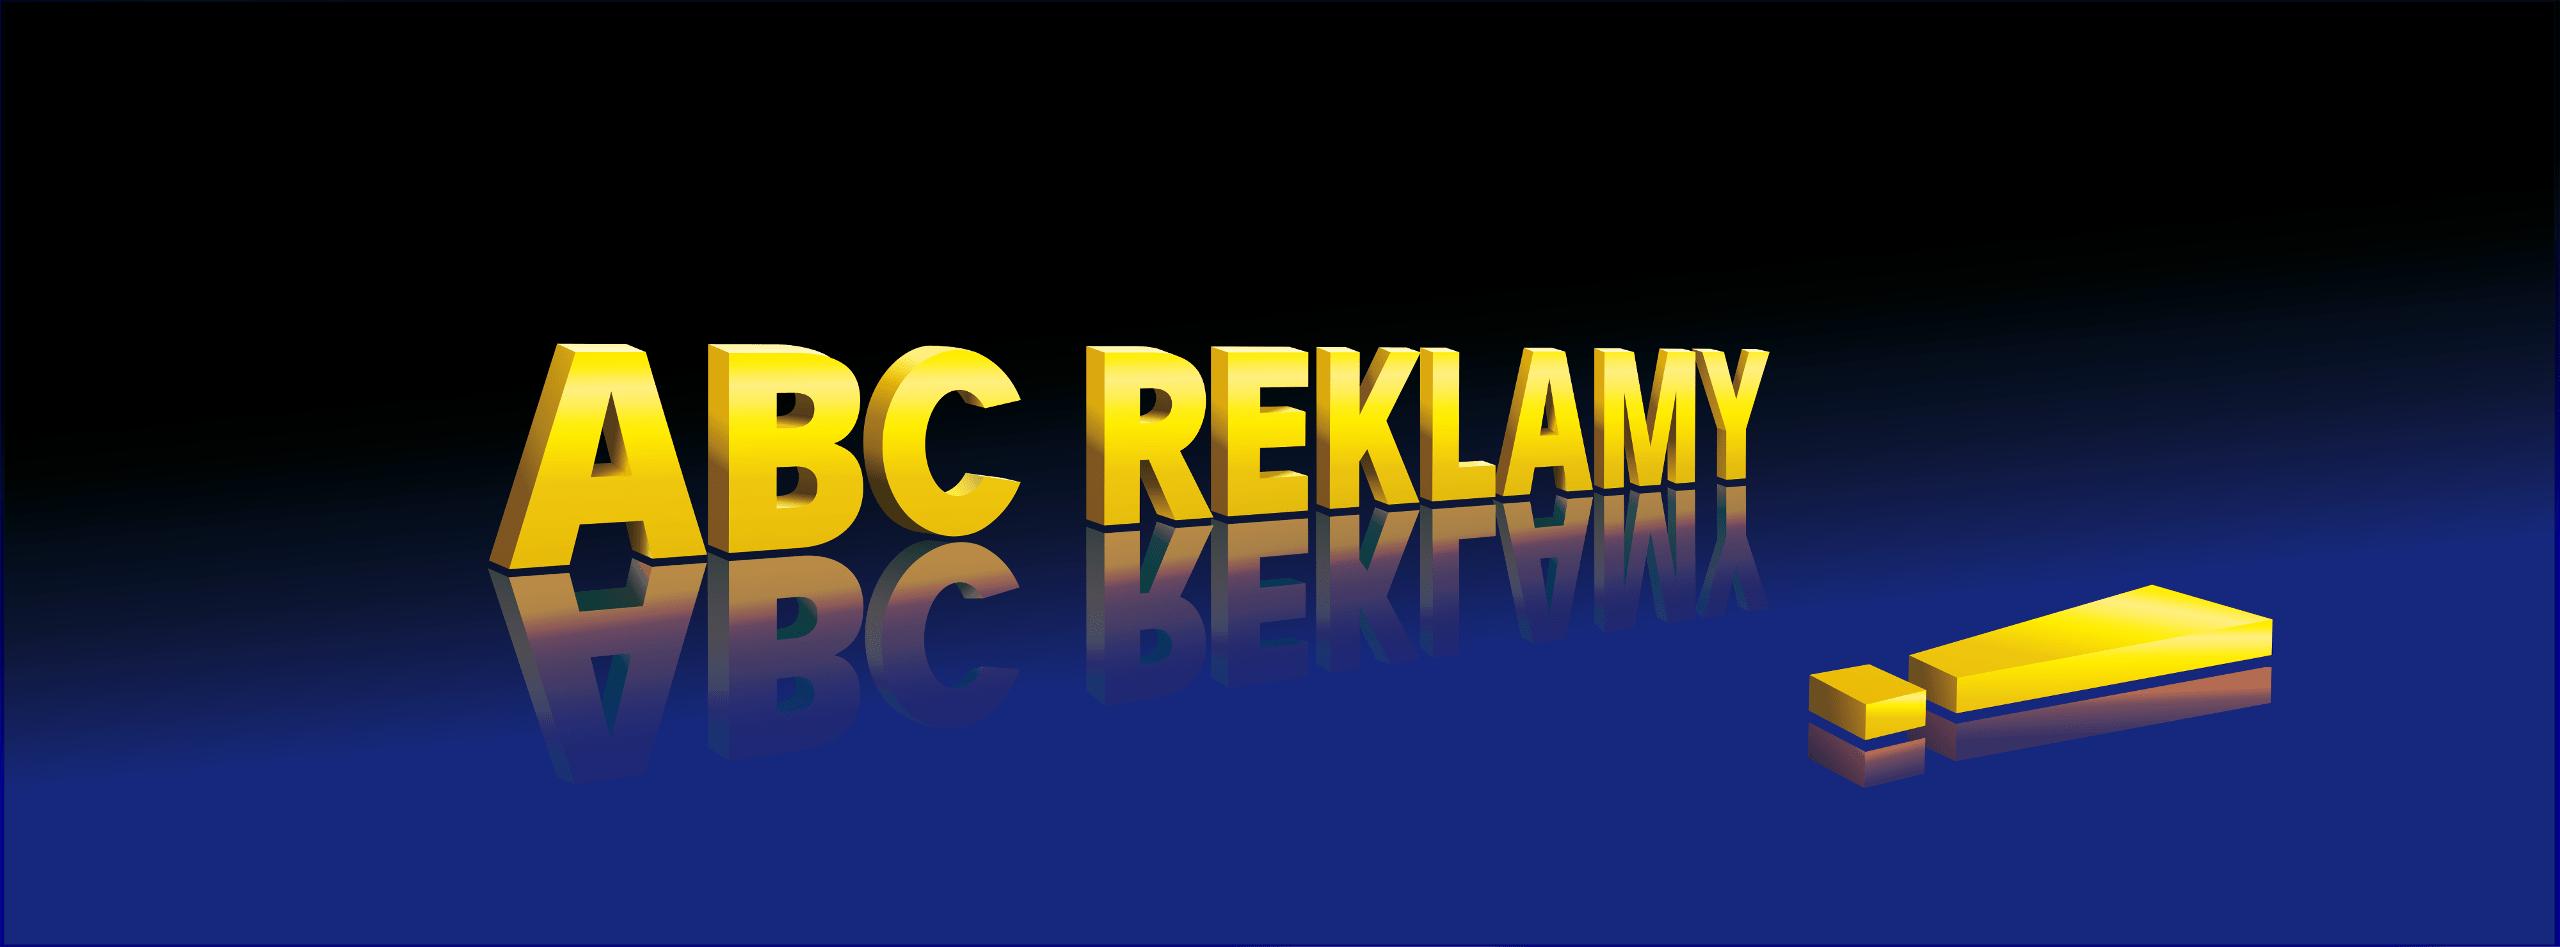 abc-reklamy-slajd-ostateczny